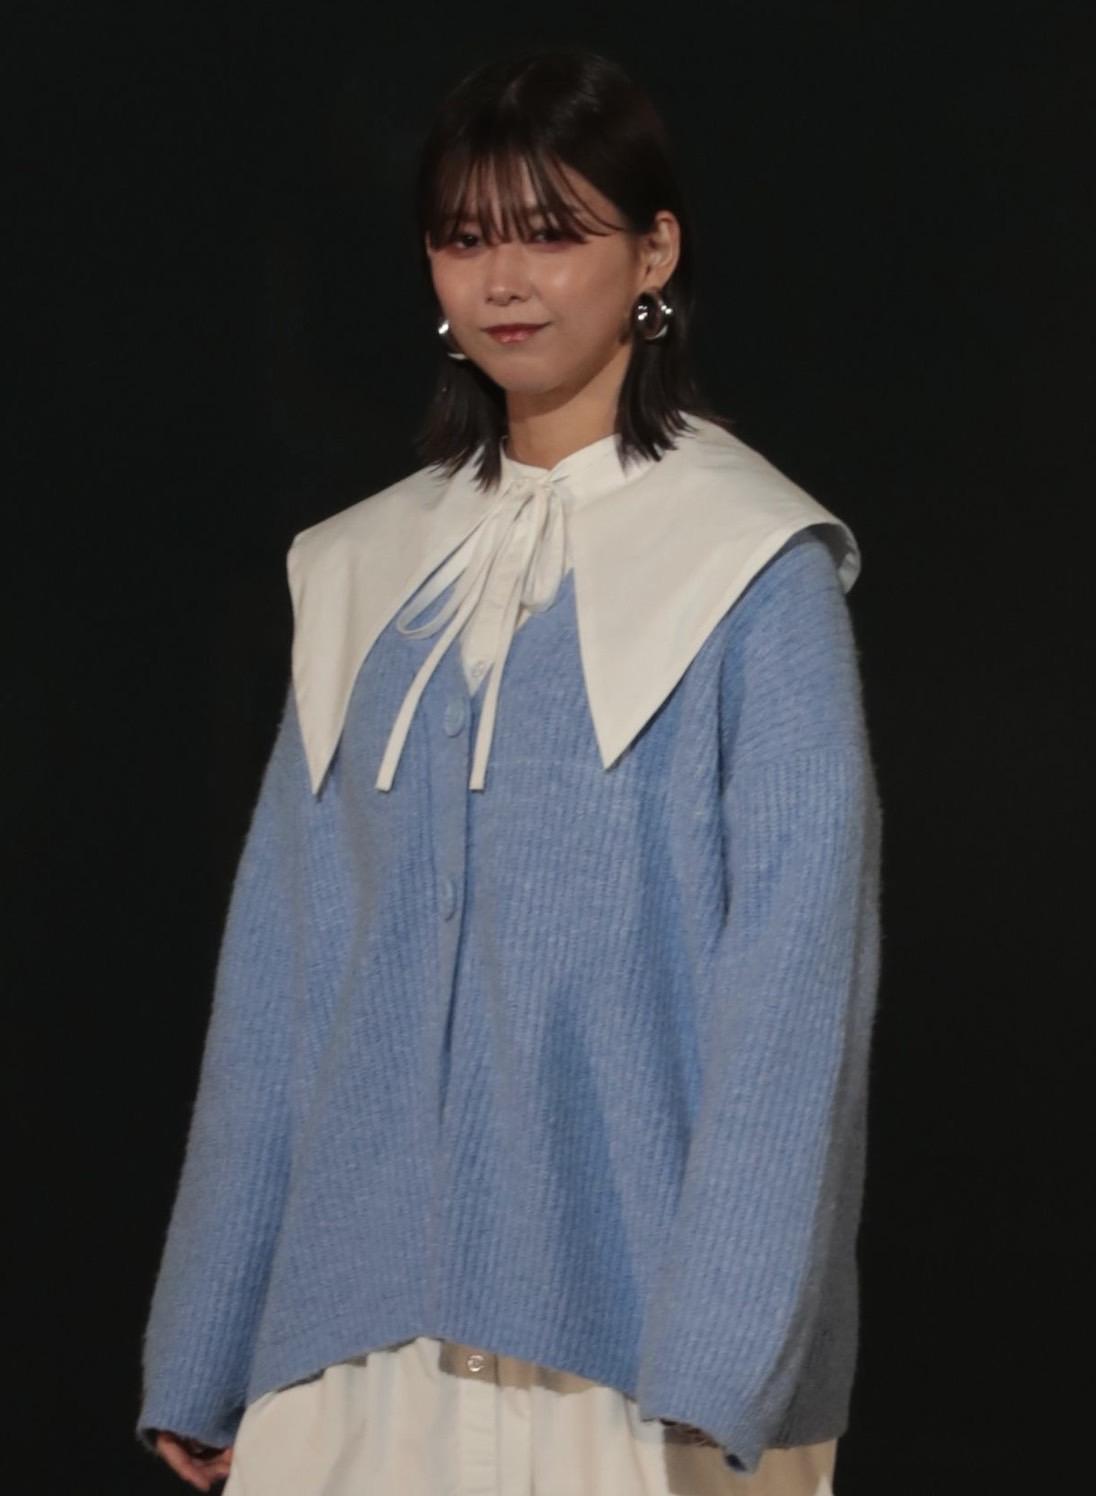 渡邉理佐(櫻坂46)東京ガールズコレクション 2021 AUTUMN/WINTER